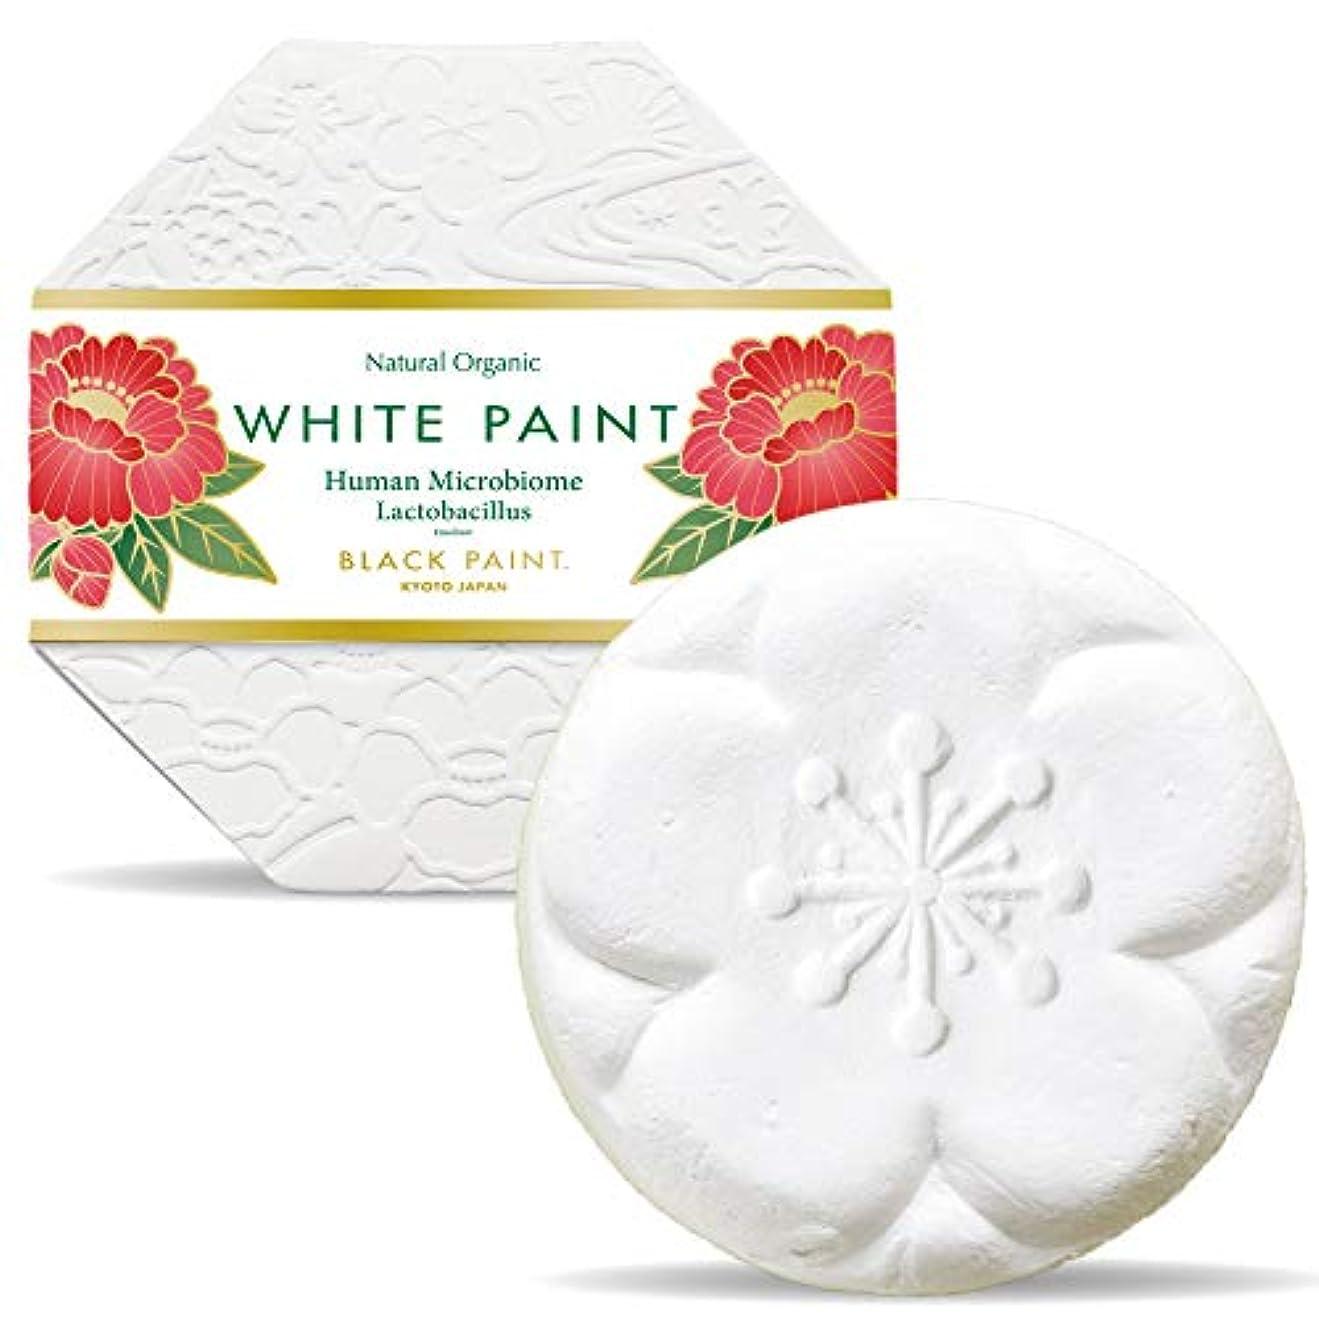 ピザ記憶トリムプレミアム ホワイトペイント 120g 塗る洗顔 石鹸 無添加 国産 …